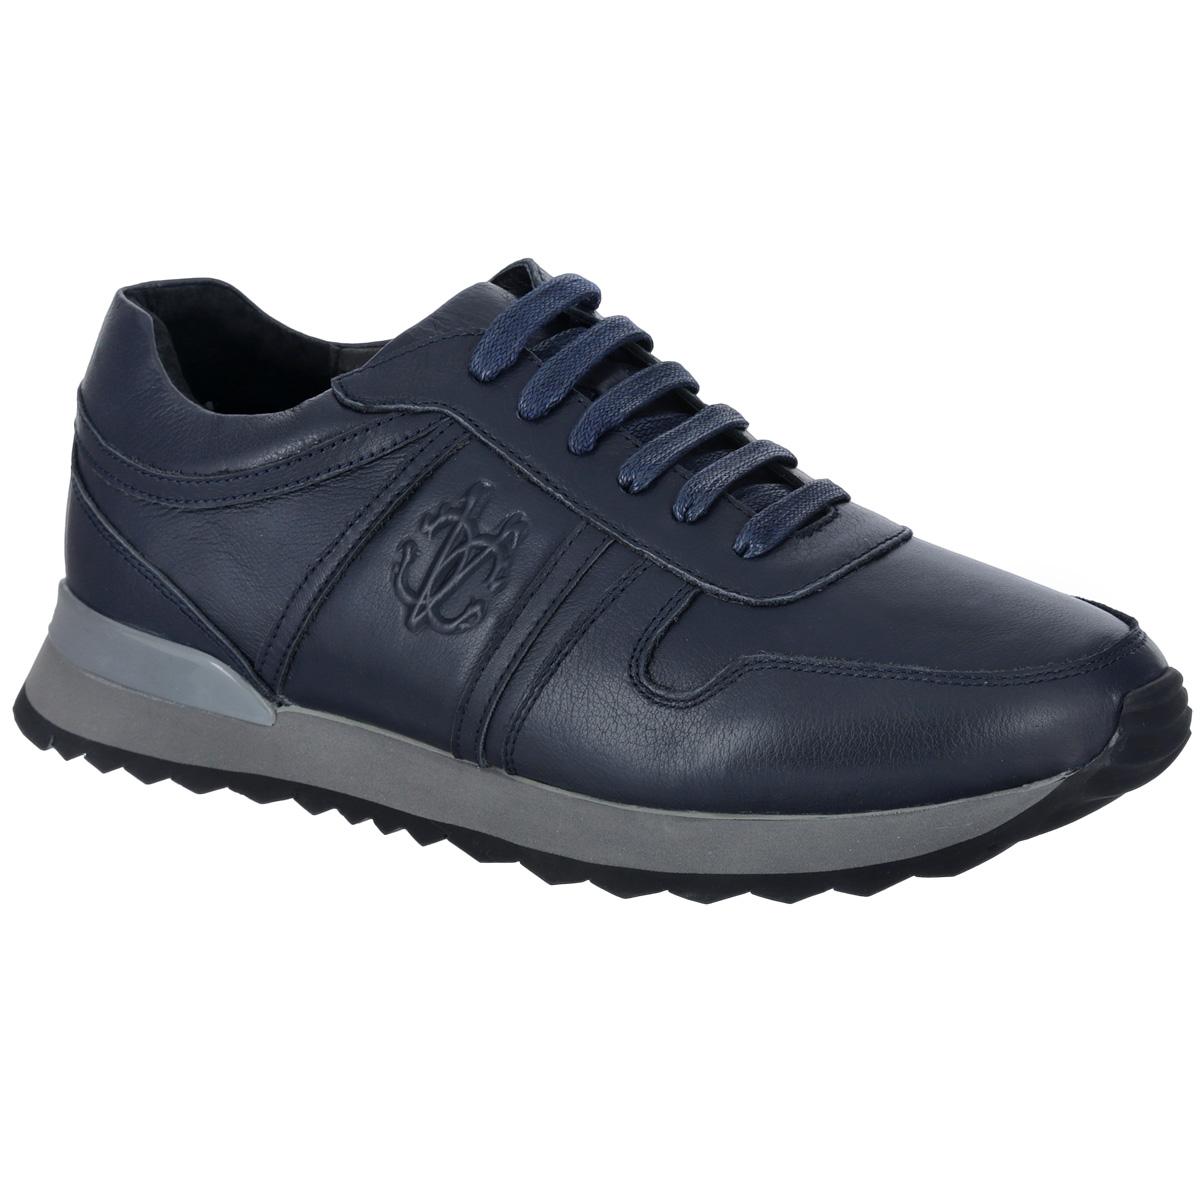 Кроссовки мужские. M23062M23062Модные мужские кроссовки Vitacci займут достойное место в вашем гардеробе. Модель выполнена из натуральной кожи и оформлена декоративной прострочкой, сбоку - конгревом в виде логотипа бренда. Шнуровка прочно зафиксирует обувь на вашей ноге. Усиленный мыс для более надежной защиты. Съемная стелька EVA с поверхностью из натуральной кожи обеспечивает превосходную амортизацию и комфорт. Подошва с рифлением гарантирует идеальное сцепление с различными поверхностями. Невероятно стильные кроссовки отлично дополнят ваш модный образ.